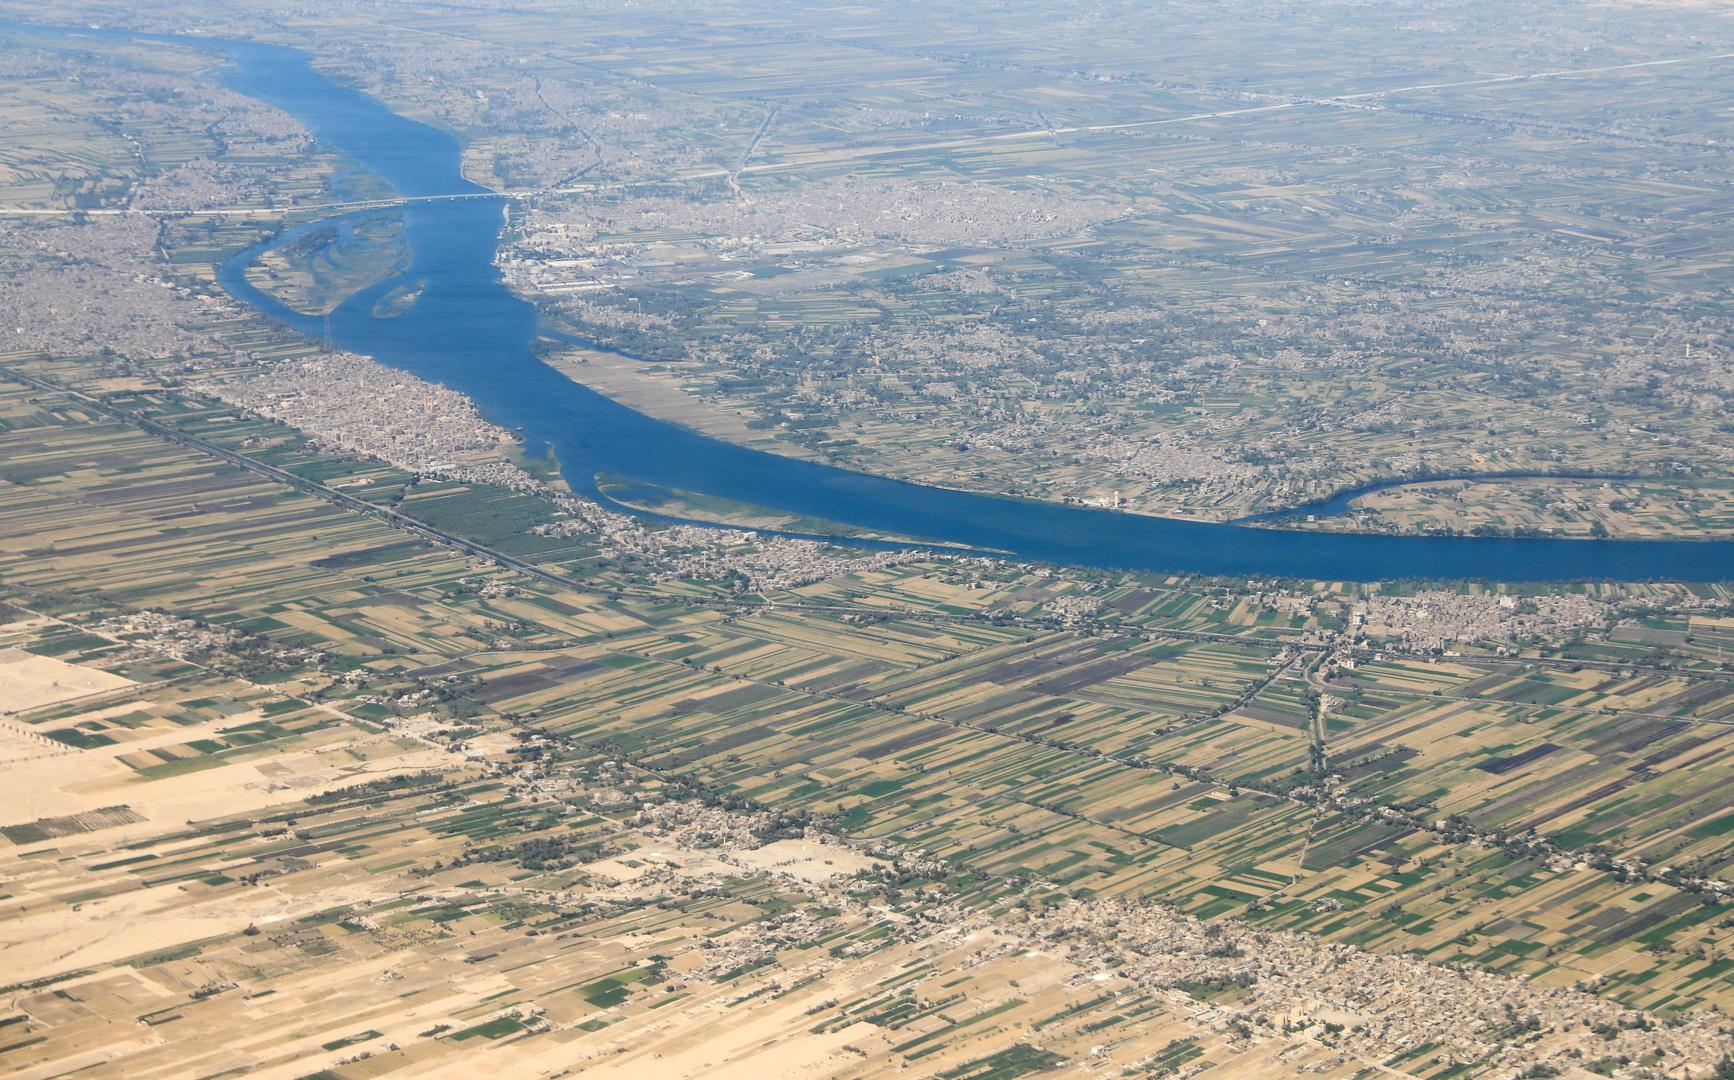 مصر.. وزارة الري تستعد لفيضان لنهر النيل لم يحدث منذ 100 عام